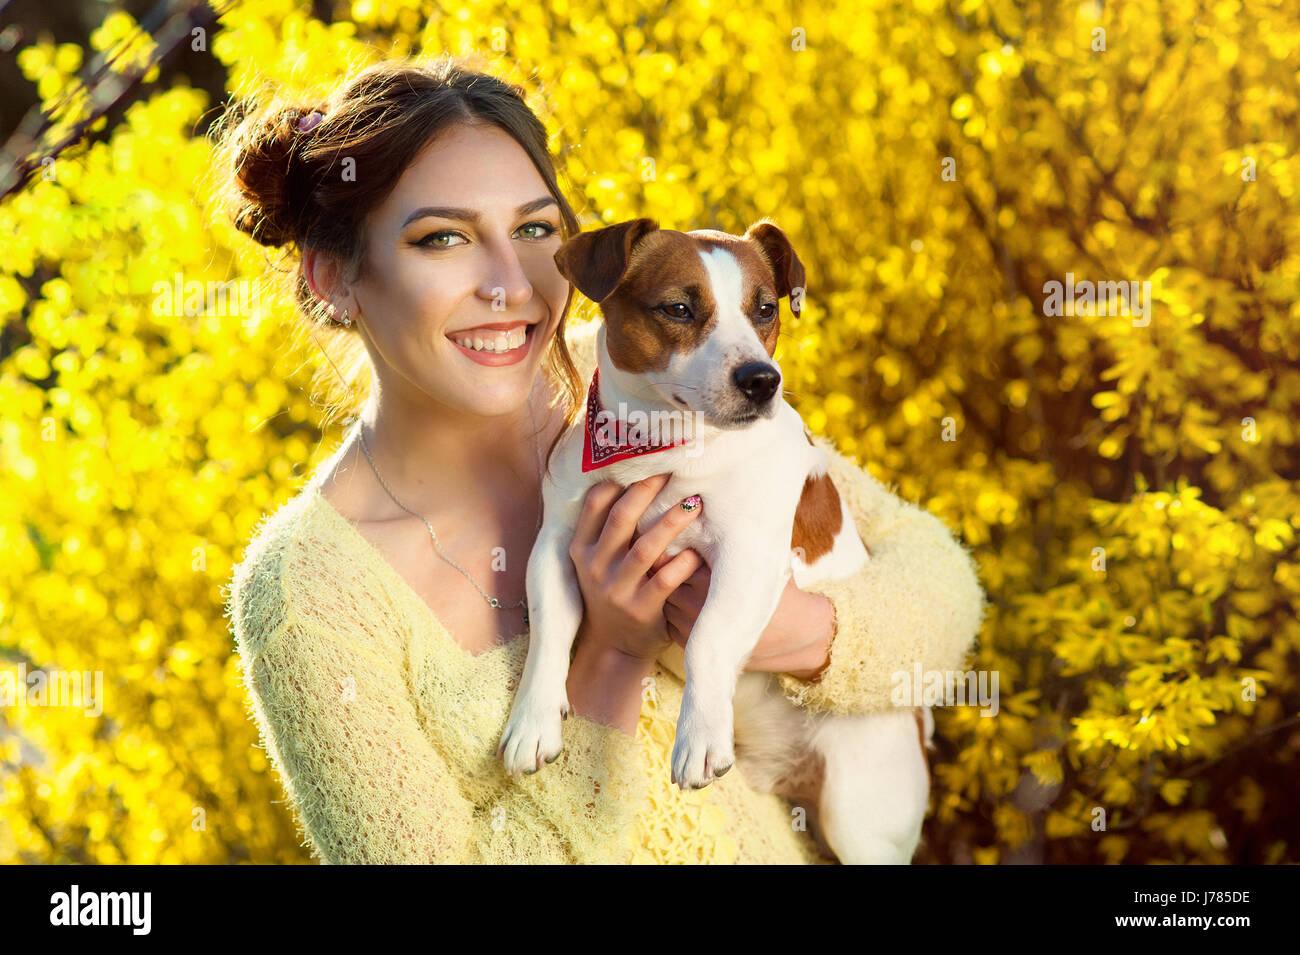 Bella Donna che gioca con il suo cane. Ritratto all'aperto. La serie Immagini Stock